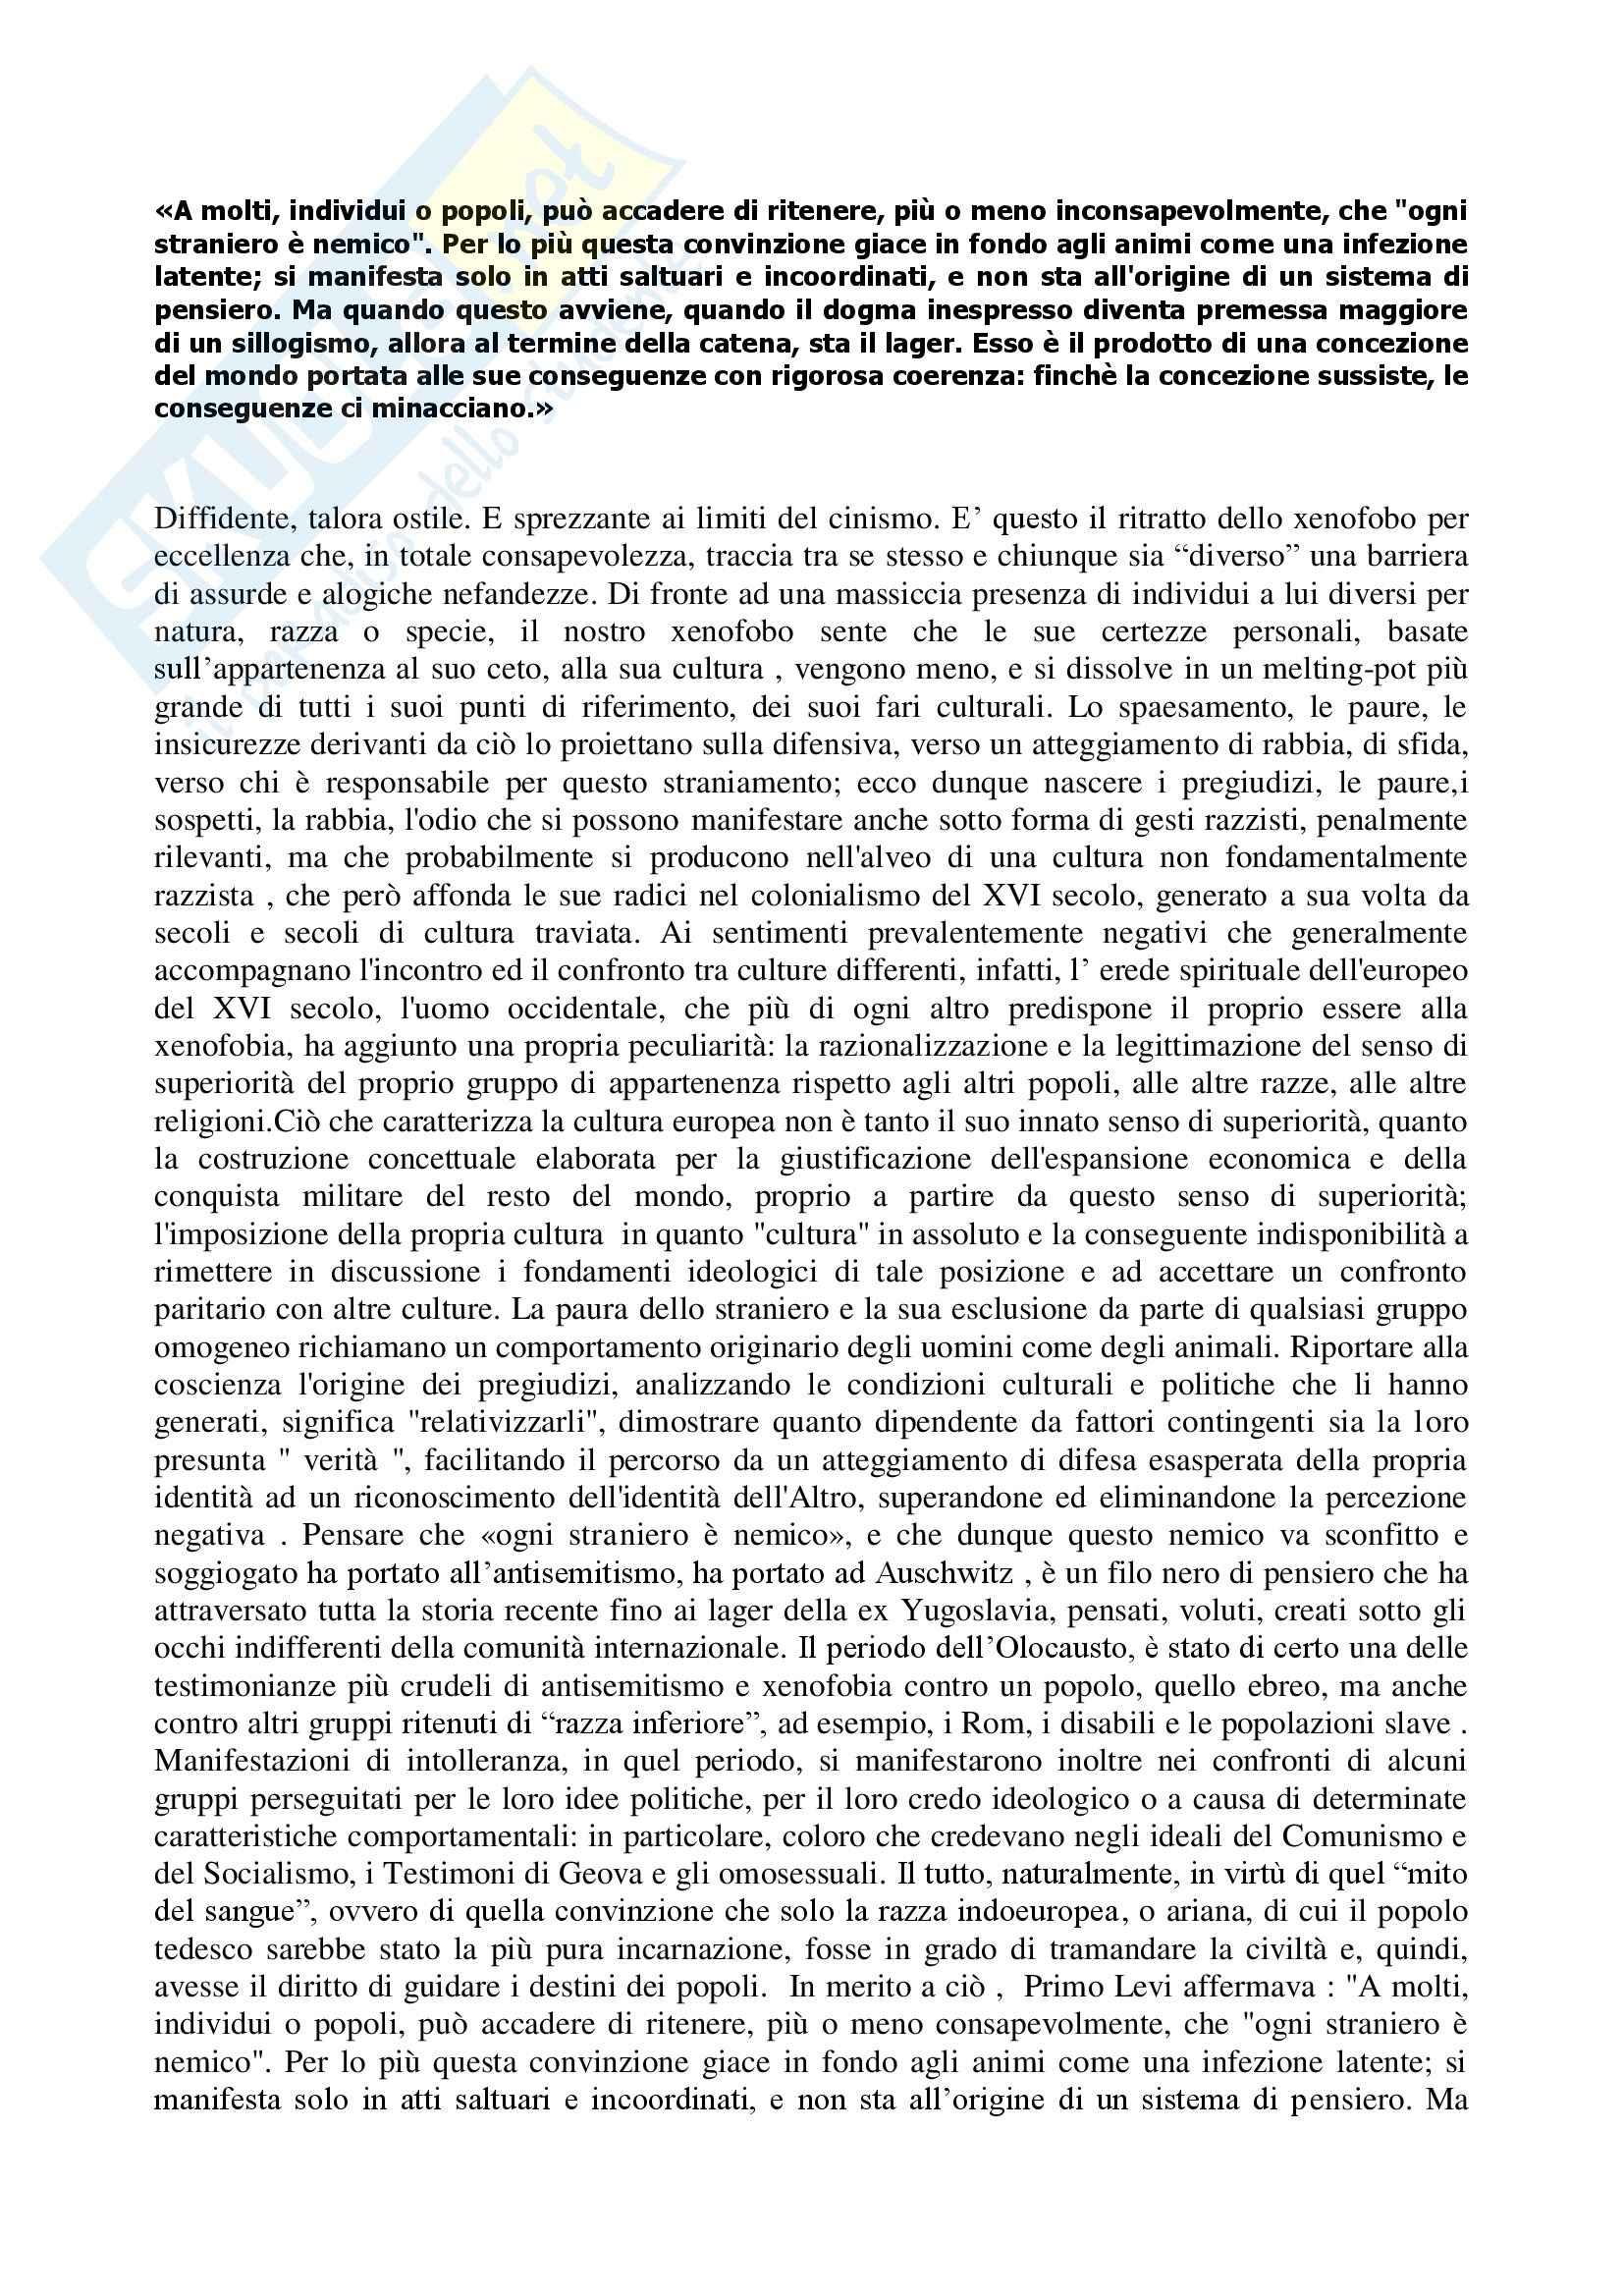 Letteratura italiana contemporanea - la xenofobia